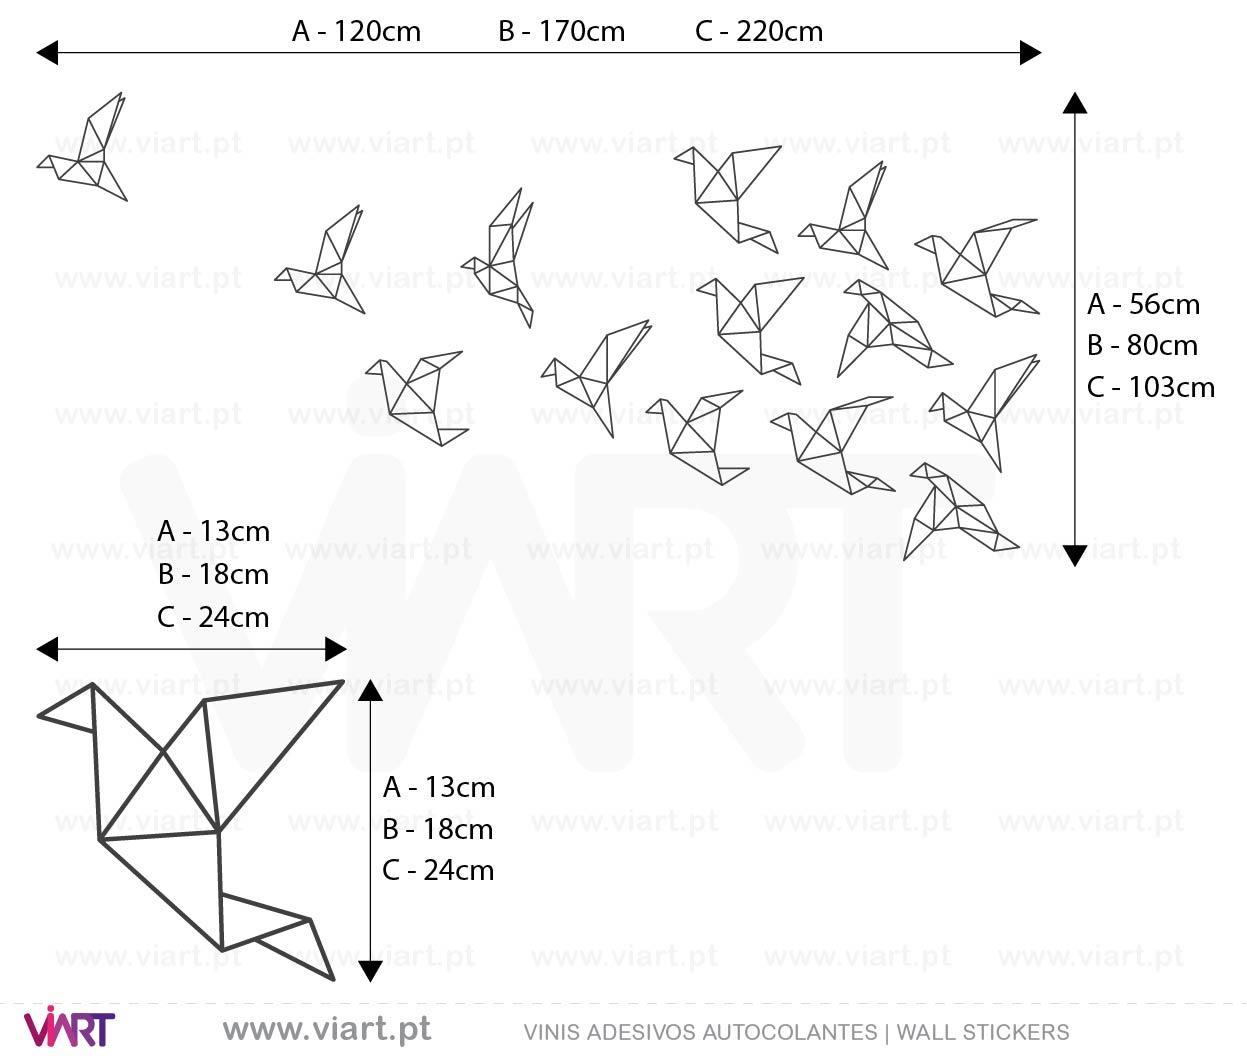 Viart - Vinis autocolantes decorativos - Bando de Aves! Origami! Medidas